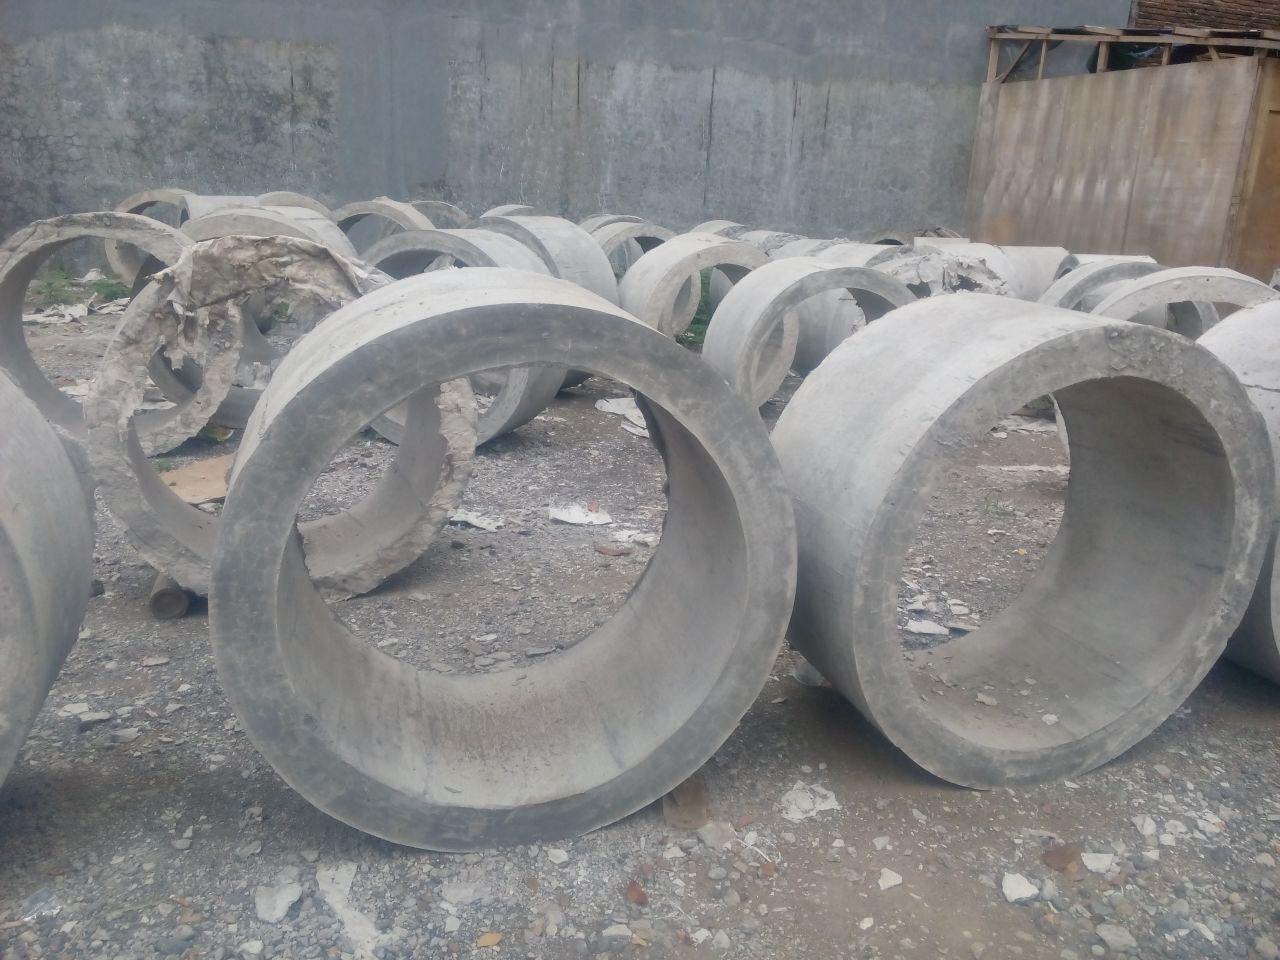 Jasa Pembuatan Septic Tank di Makassar Telp. 085299200251